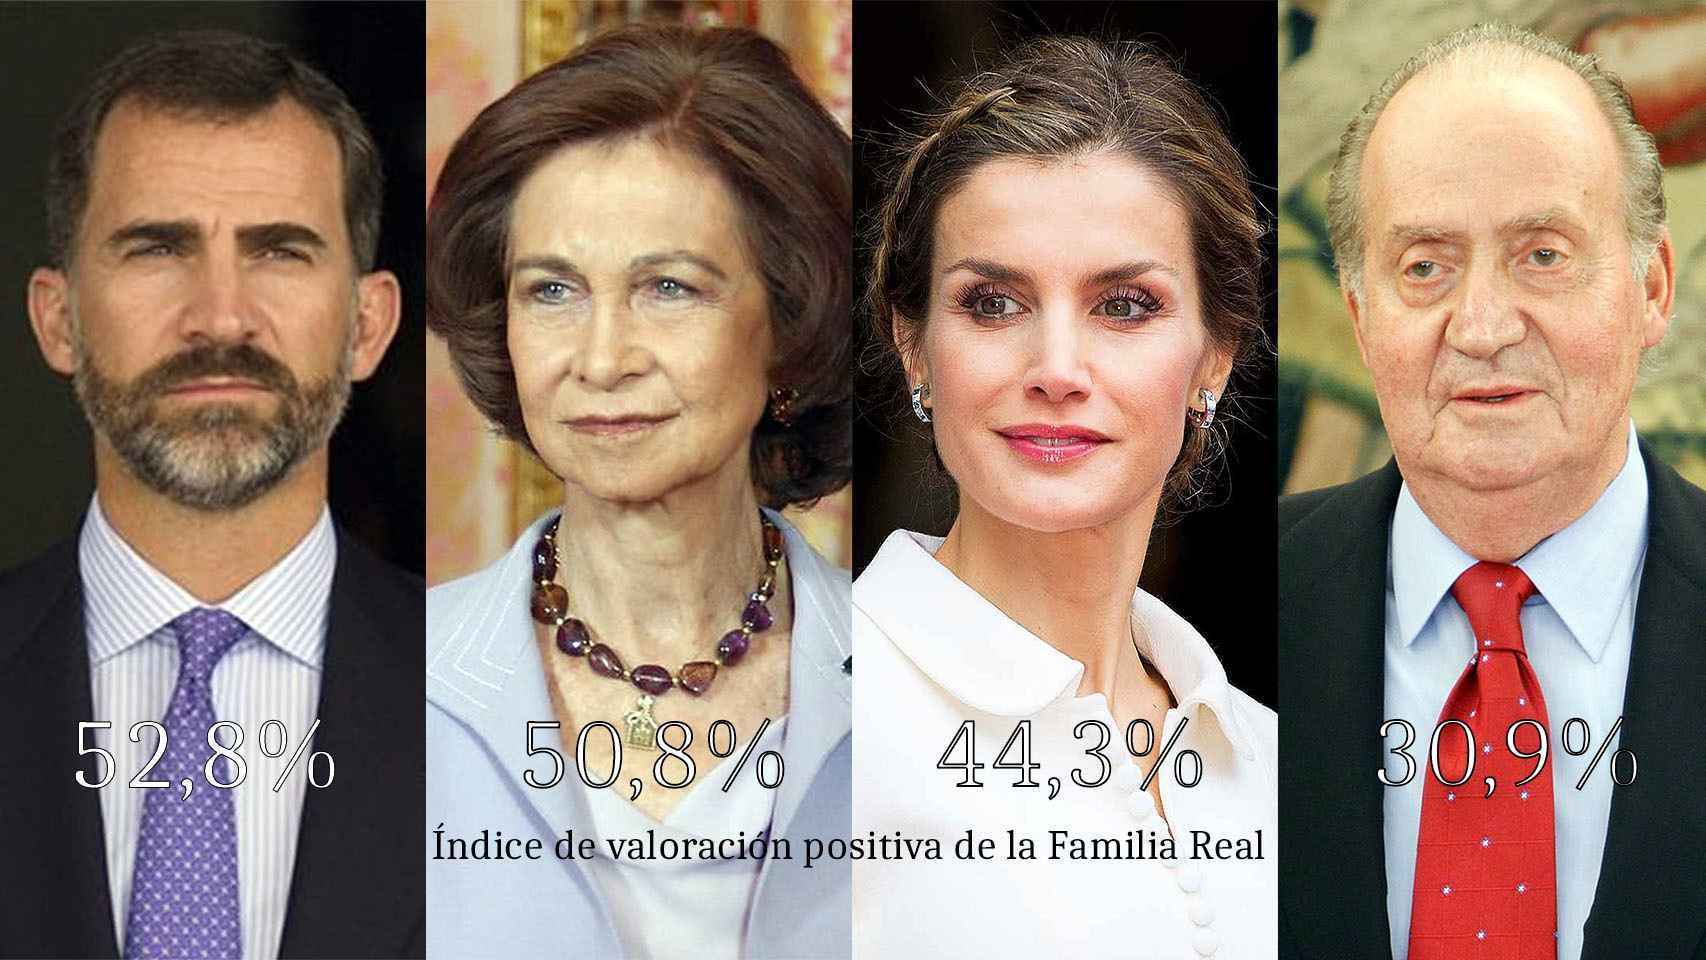 Felipe VI, mejor valorado que Letizia; Juan Carlos I, mucho peor valorado que Sofía